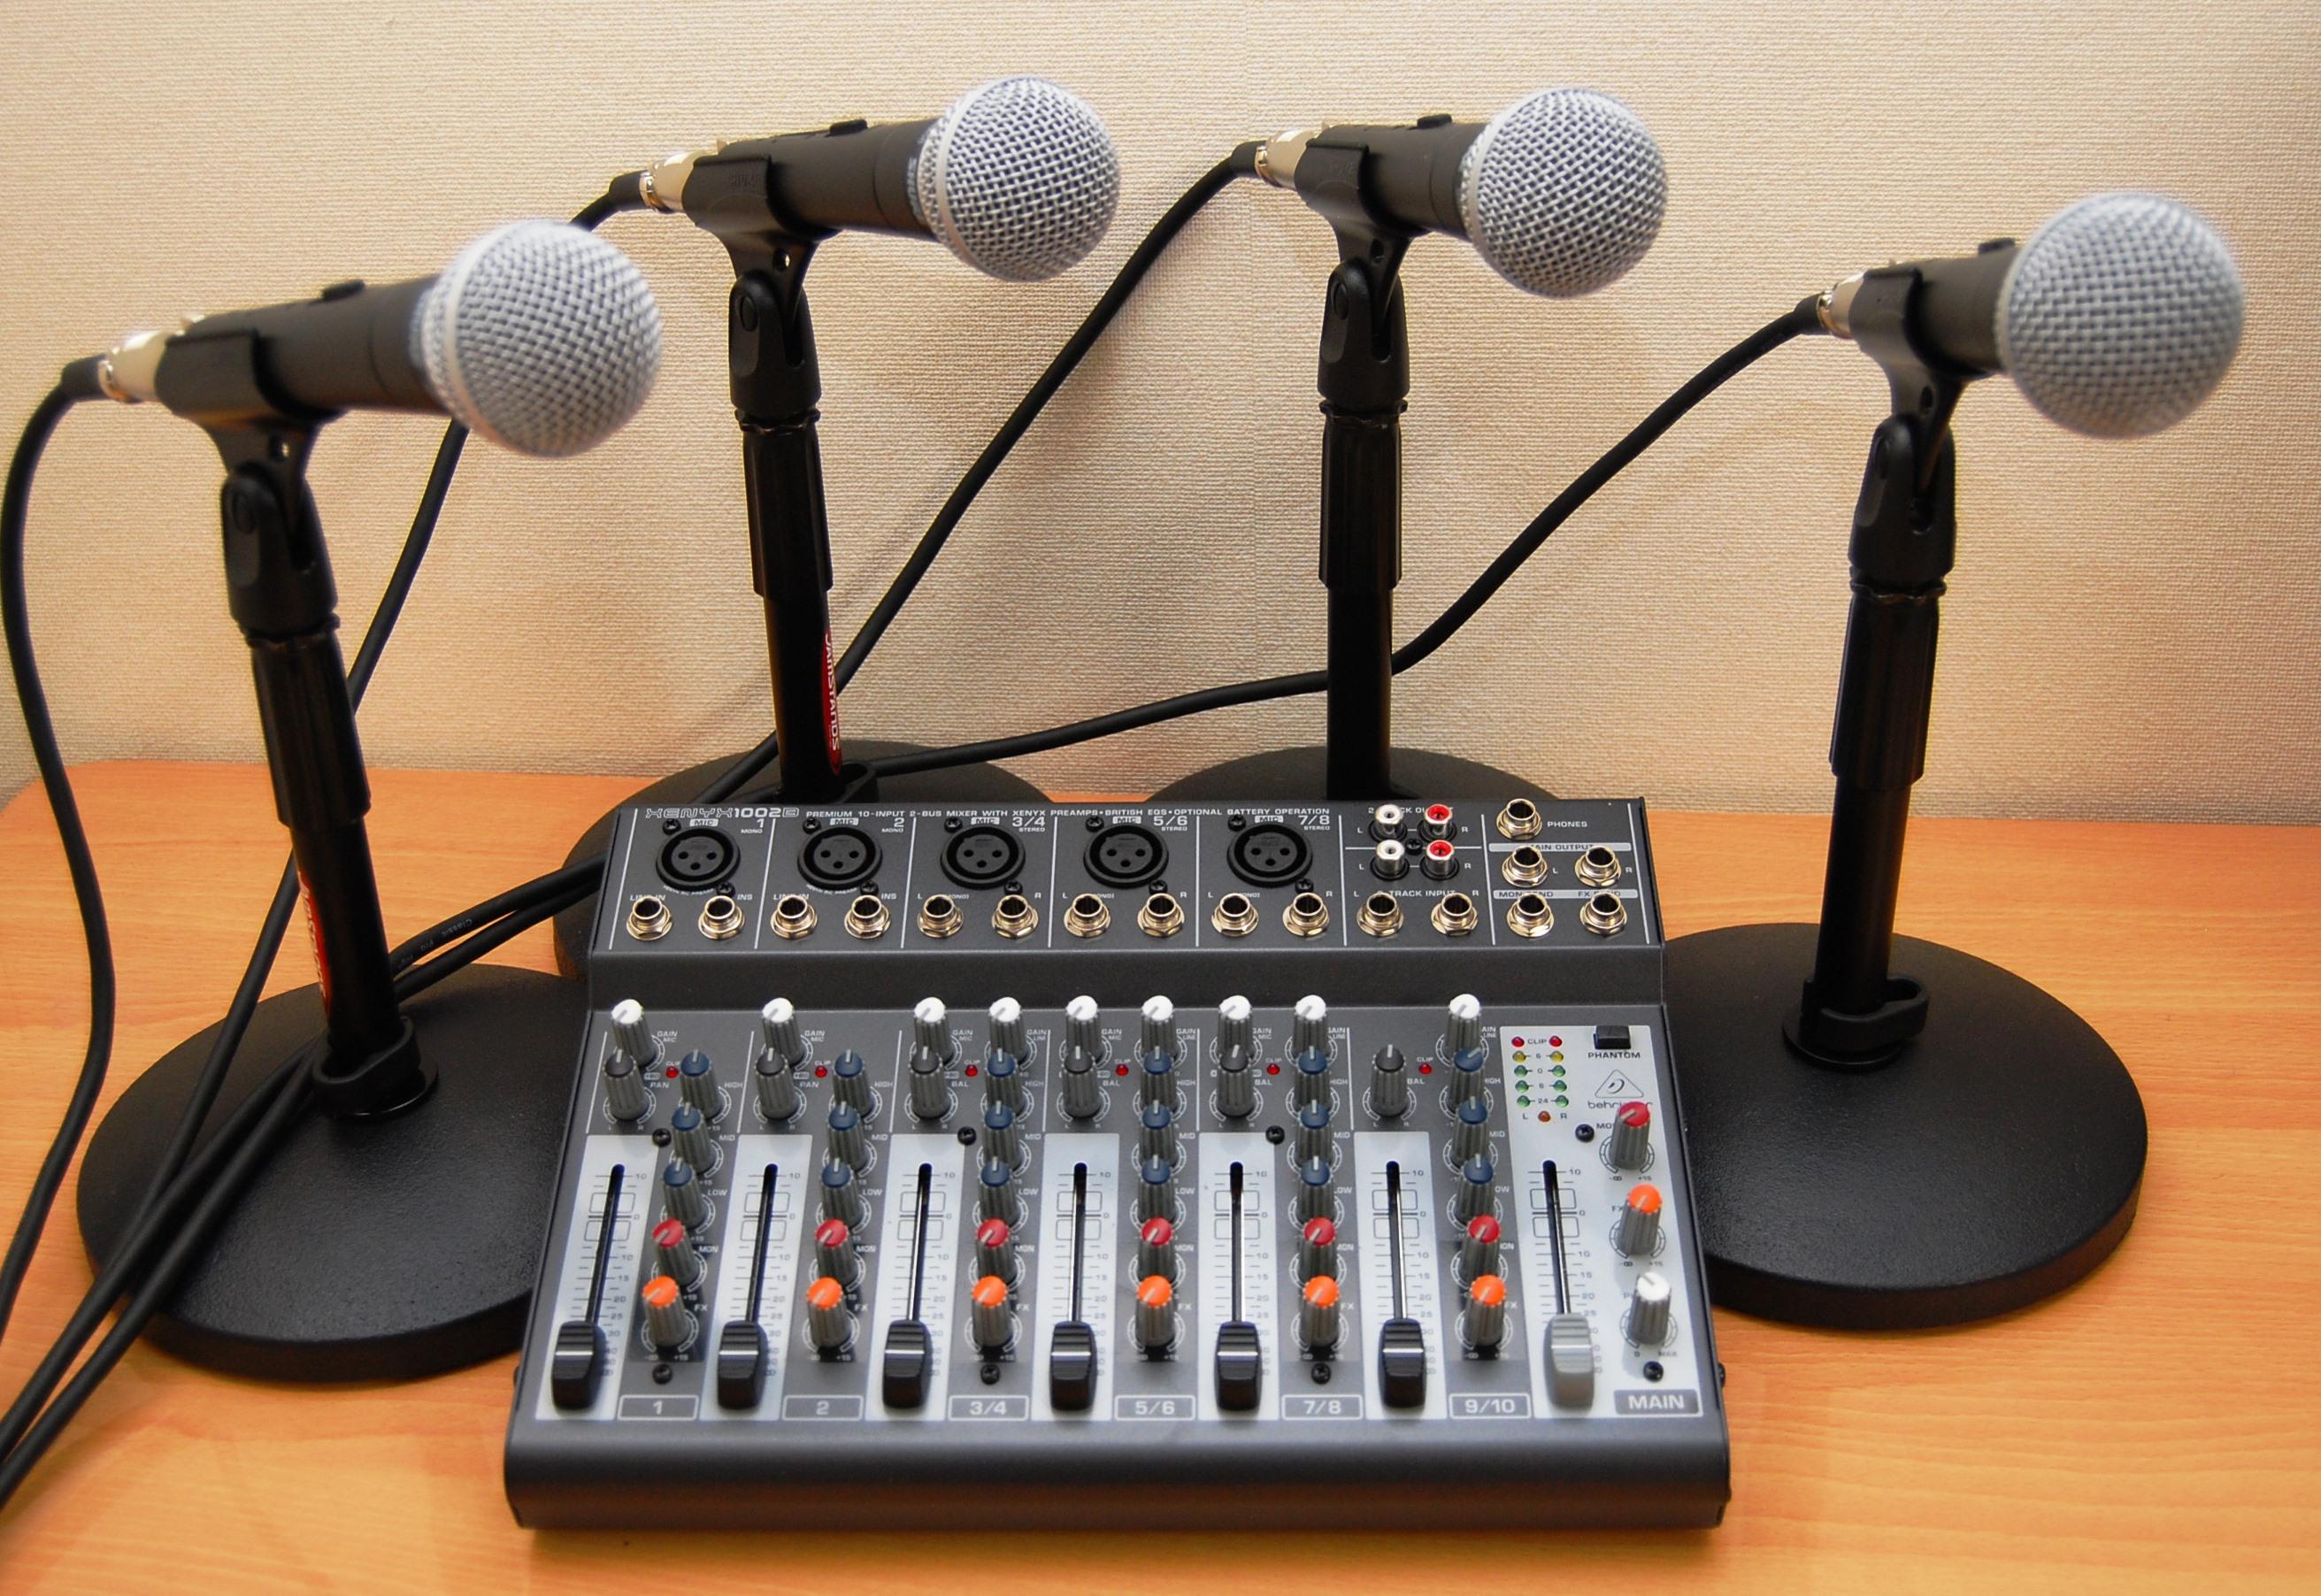 ※小規模(50~100人程度)イベント、講演会、会議などであれば、収録用機材を使って、音響設備設置、収録、原稿作成まで、セットで対応できます。